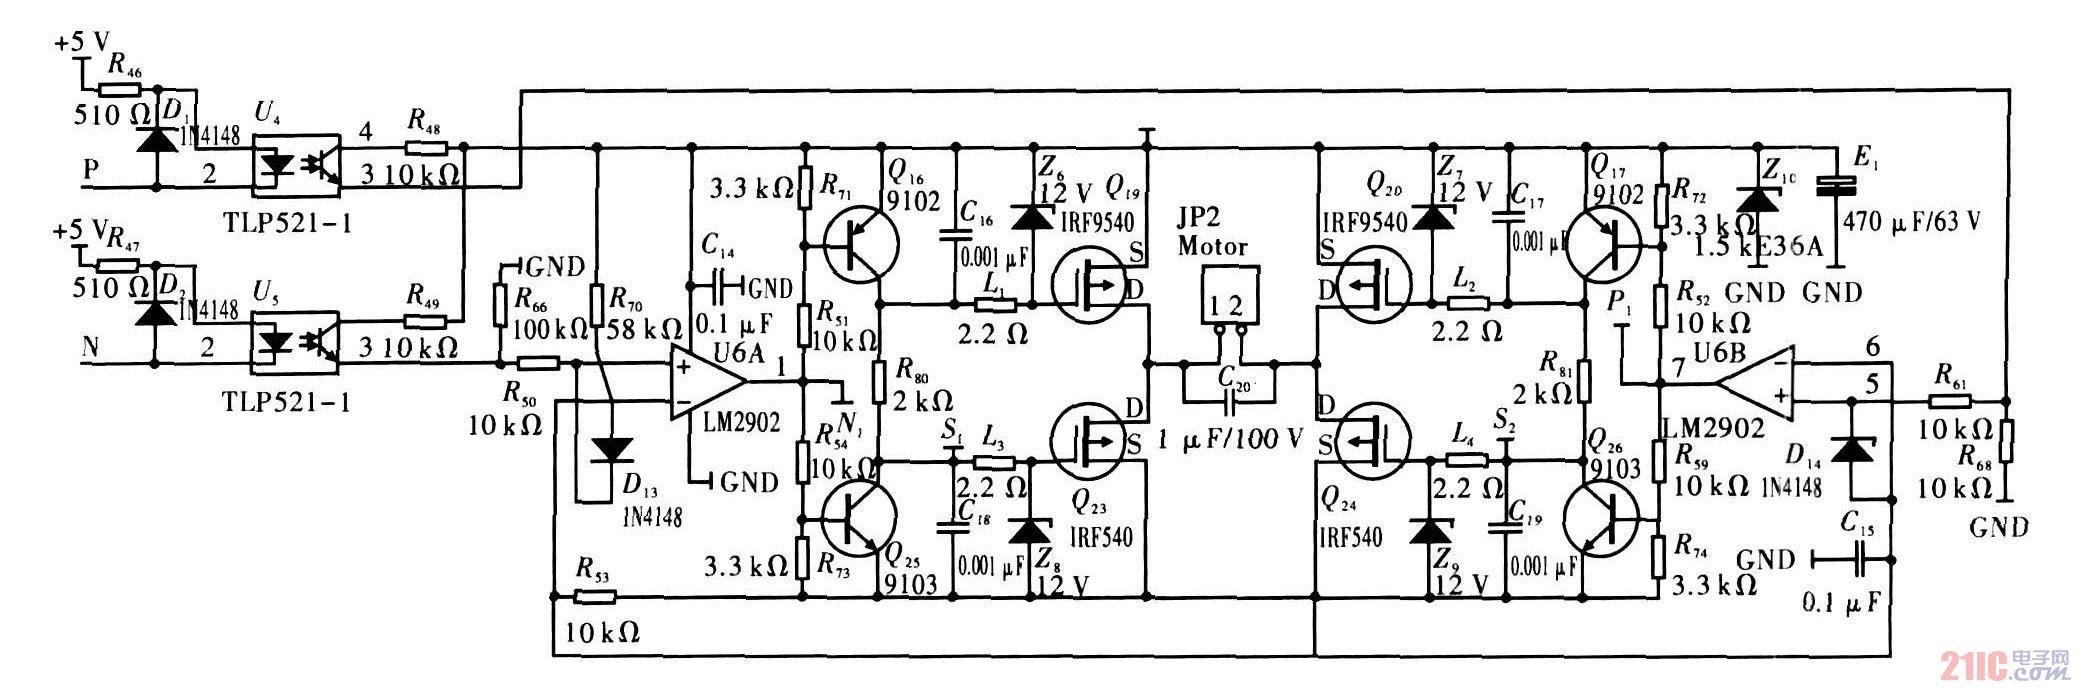 直流调速器|一种24v直流电机驱动器设计